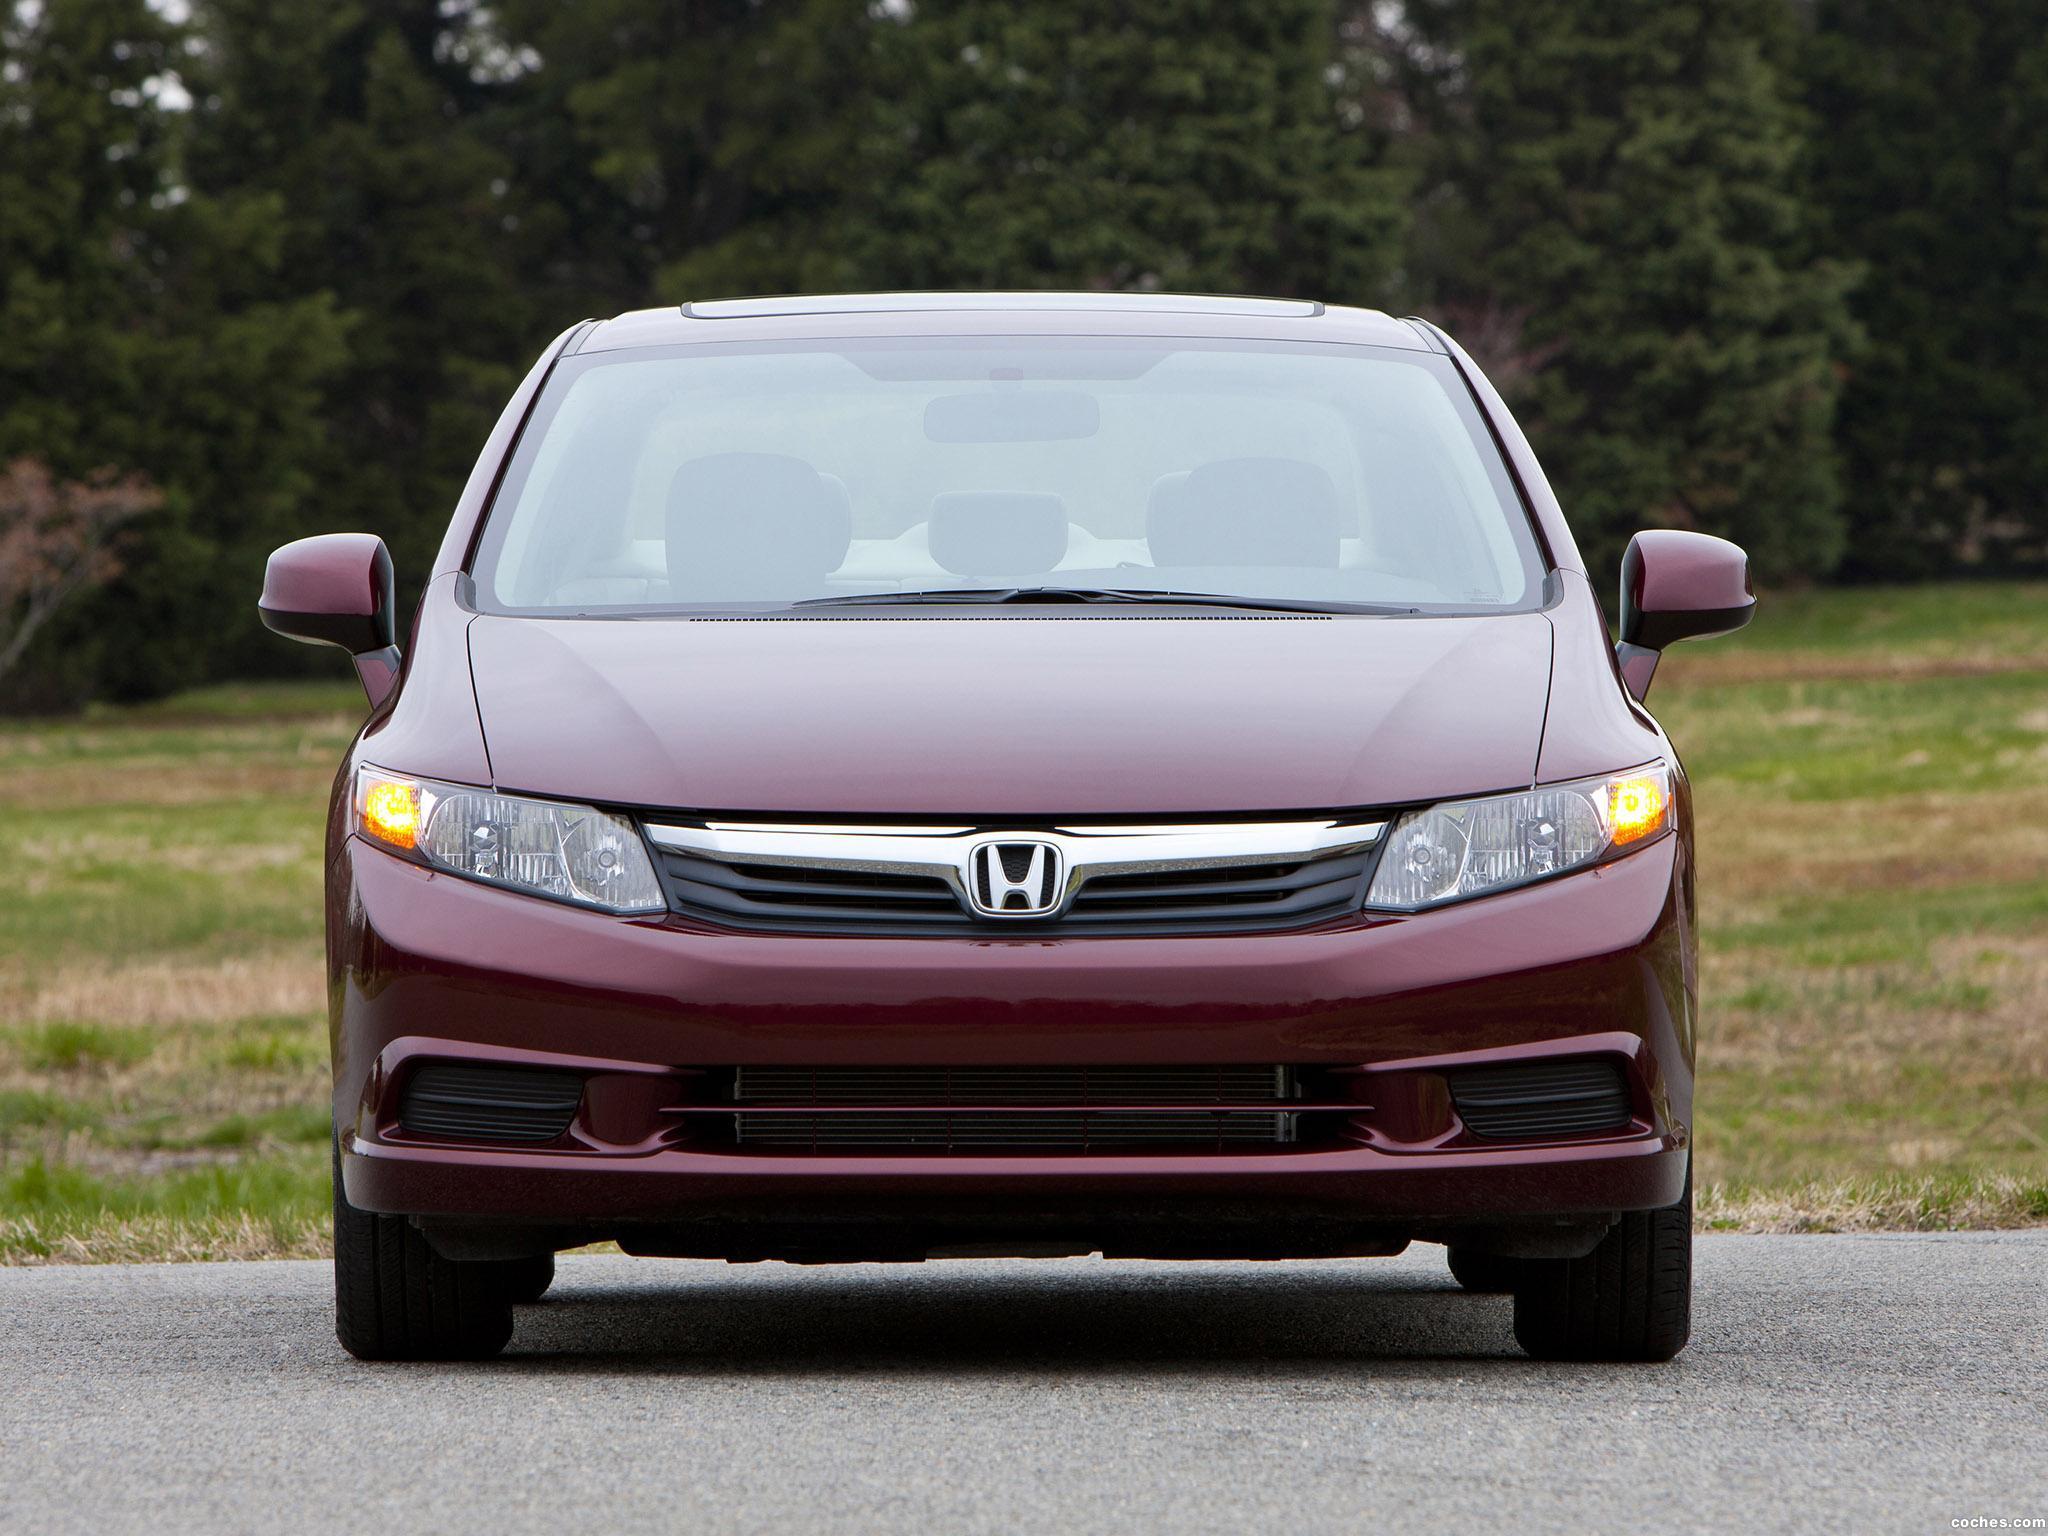 Foto 4 de Honda Civic EX-L Sedan 2011